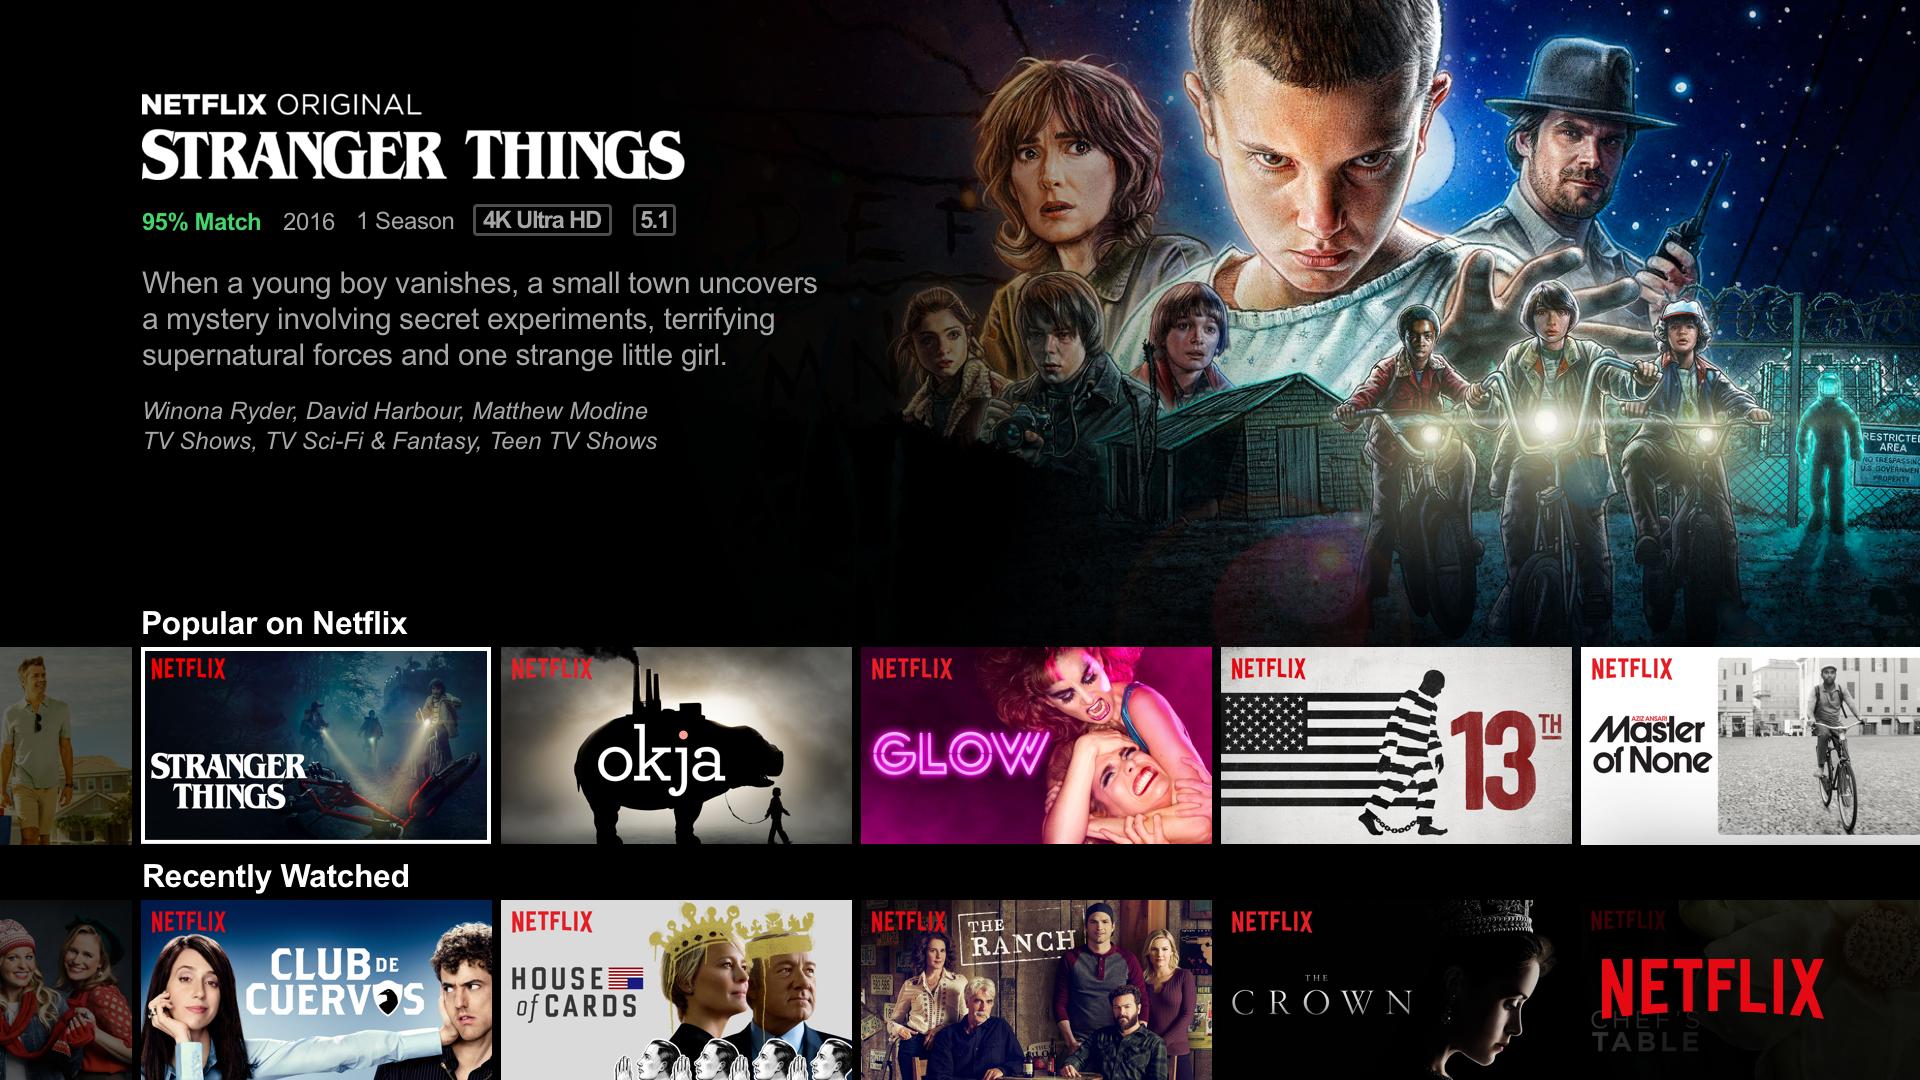 The Netflix app home screen